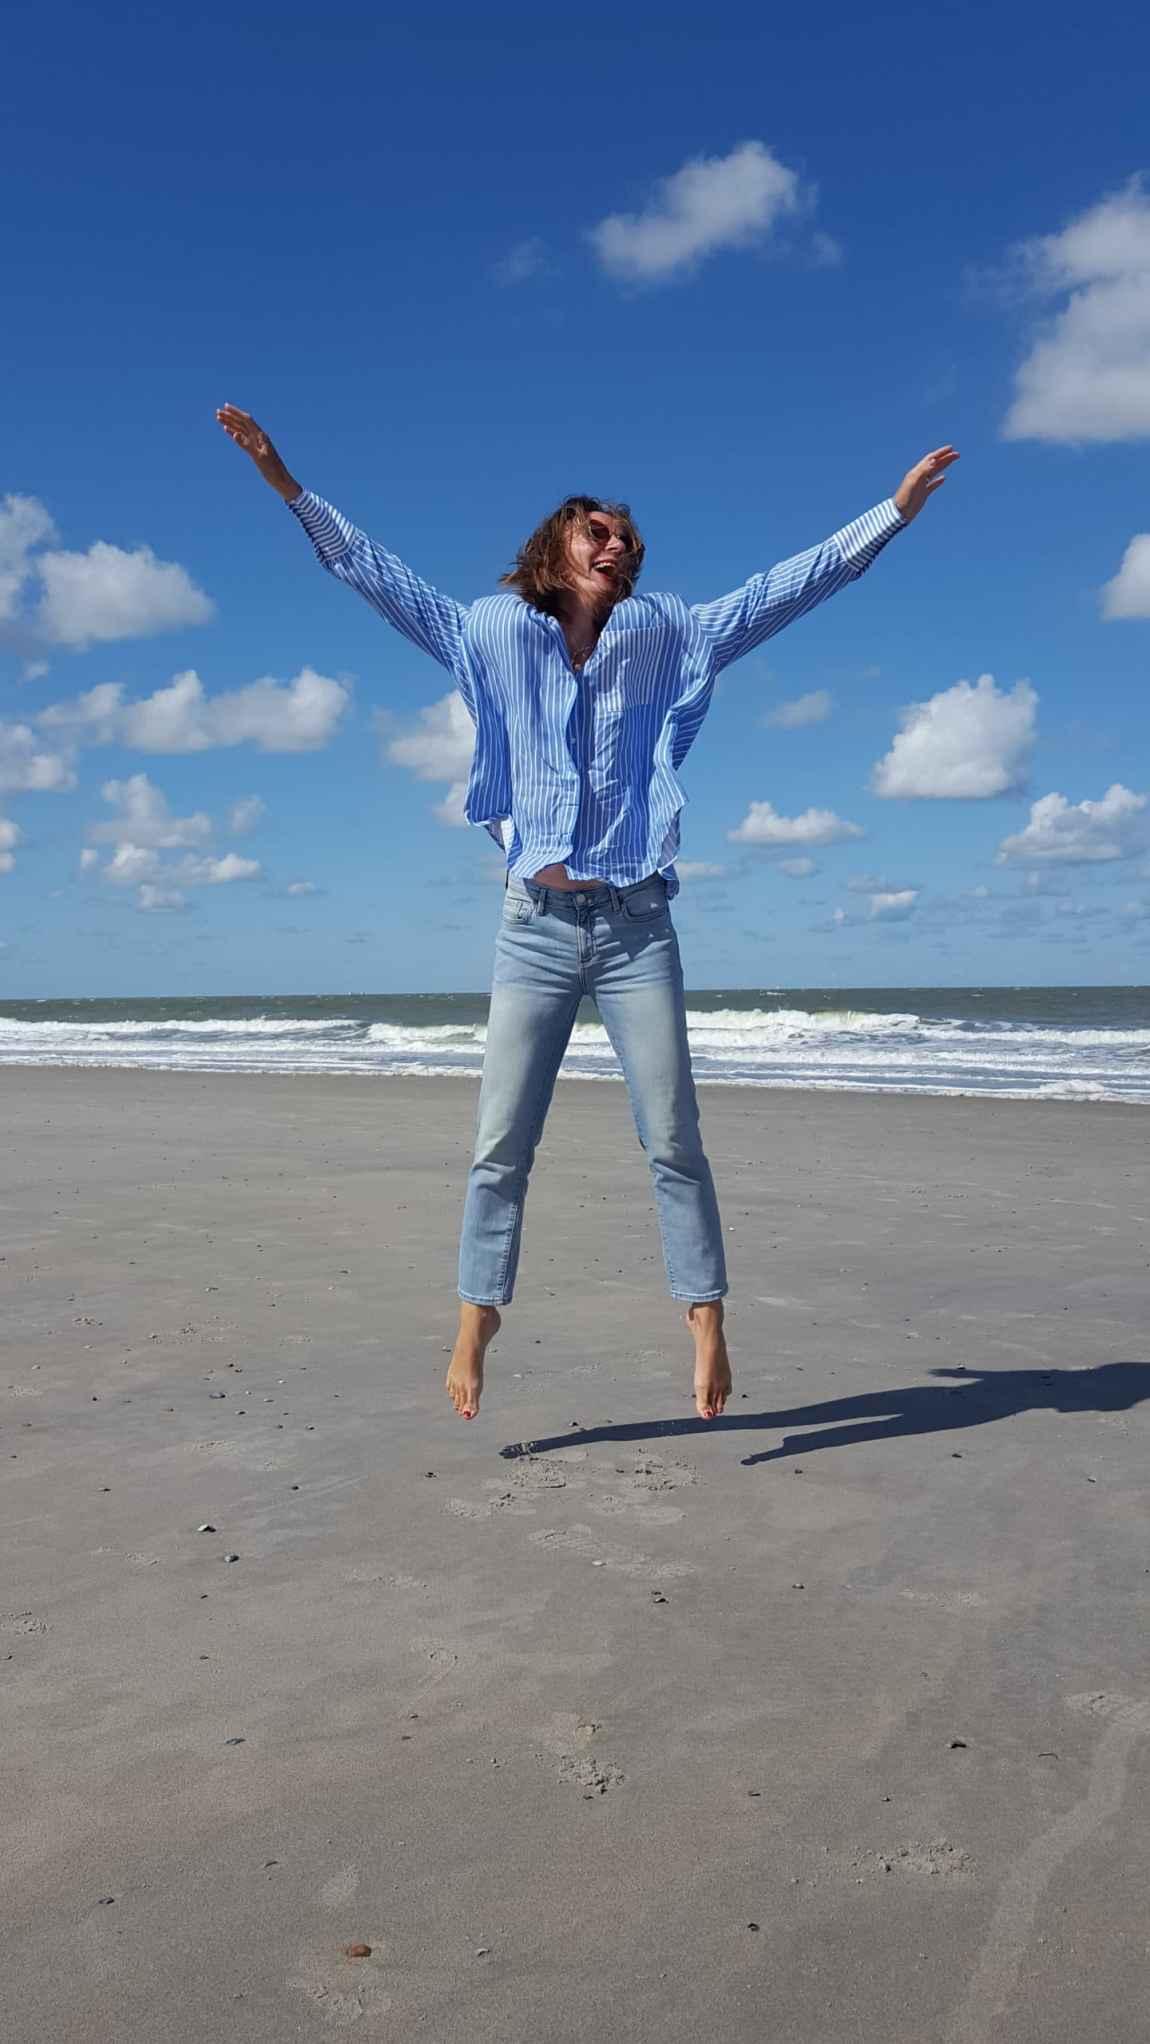 weltfrauentag-feminismus-ue50-blog-oceanblue-style.jpg